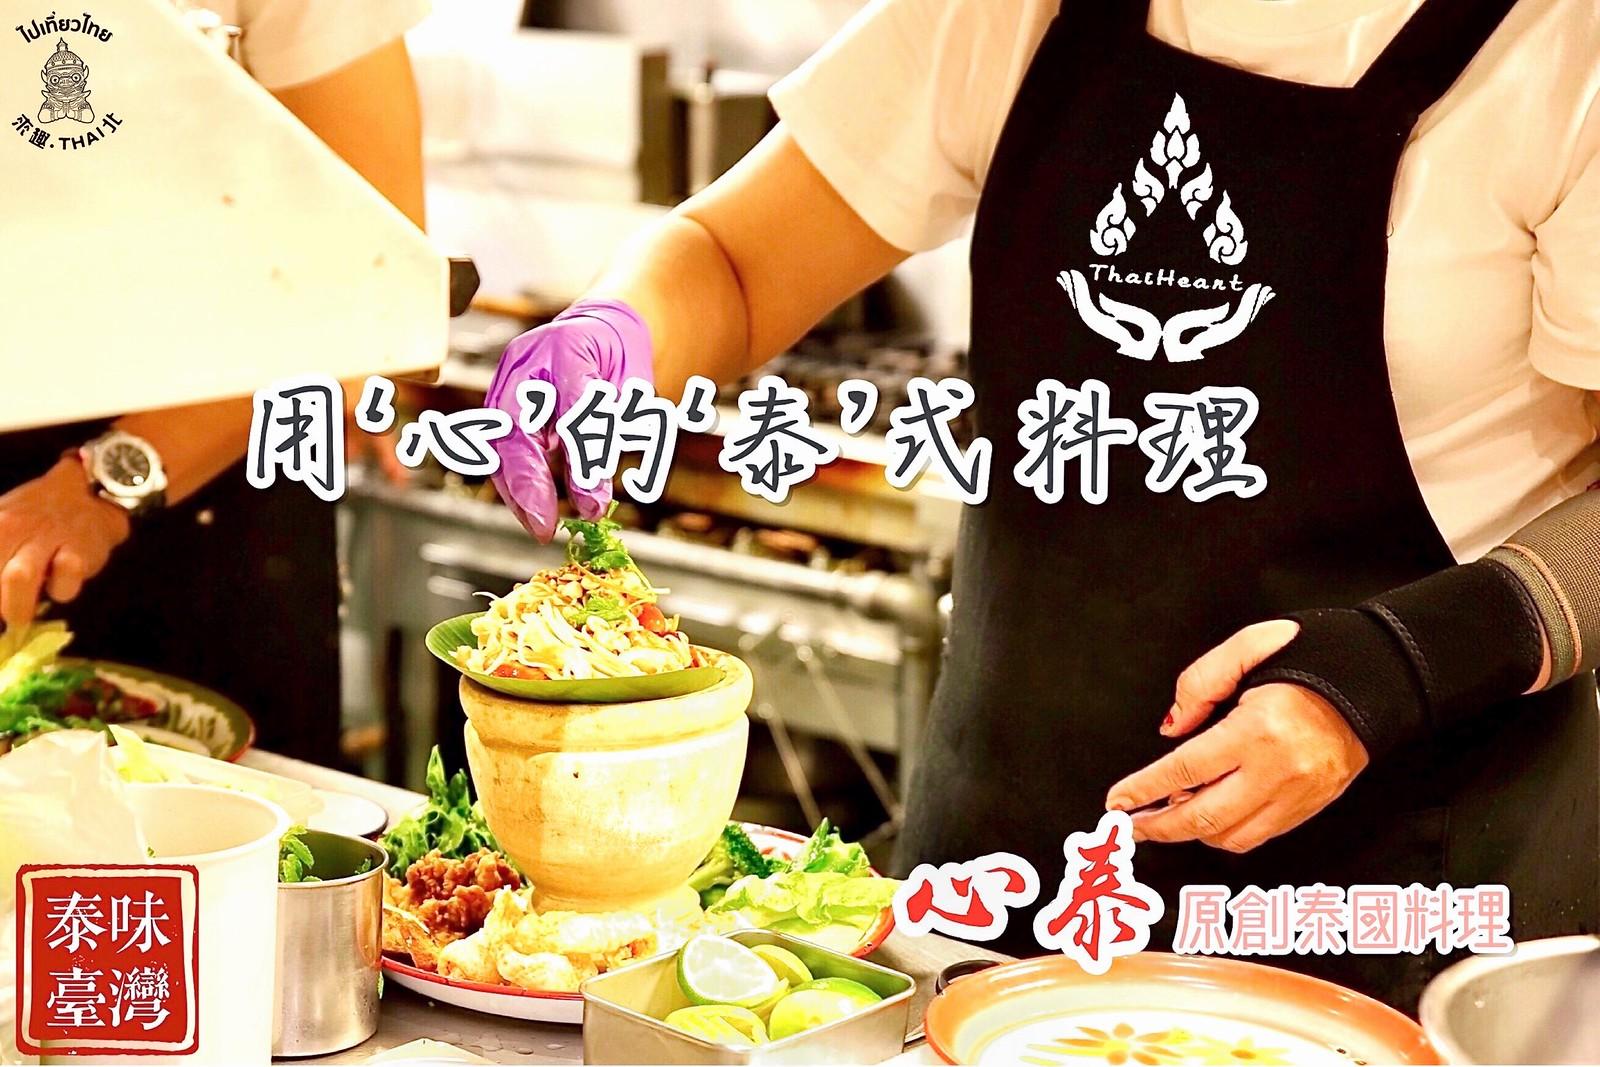 用'心'做的'泰'式料理《心泰原創泰國料理》